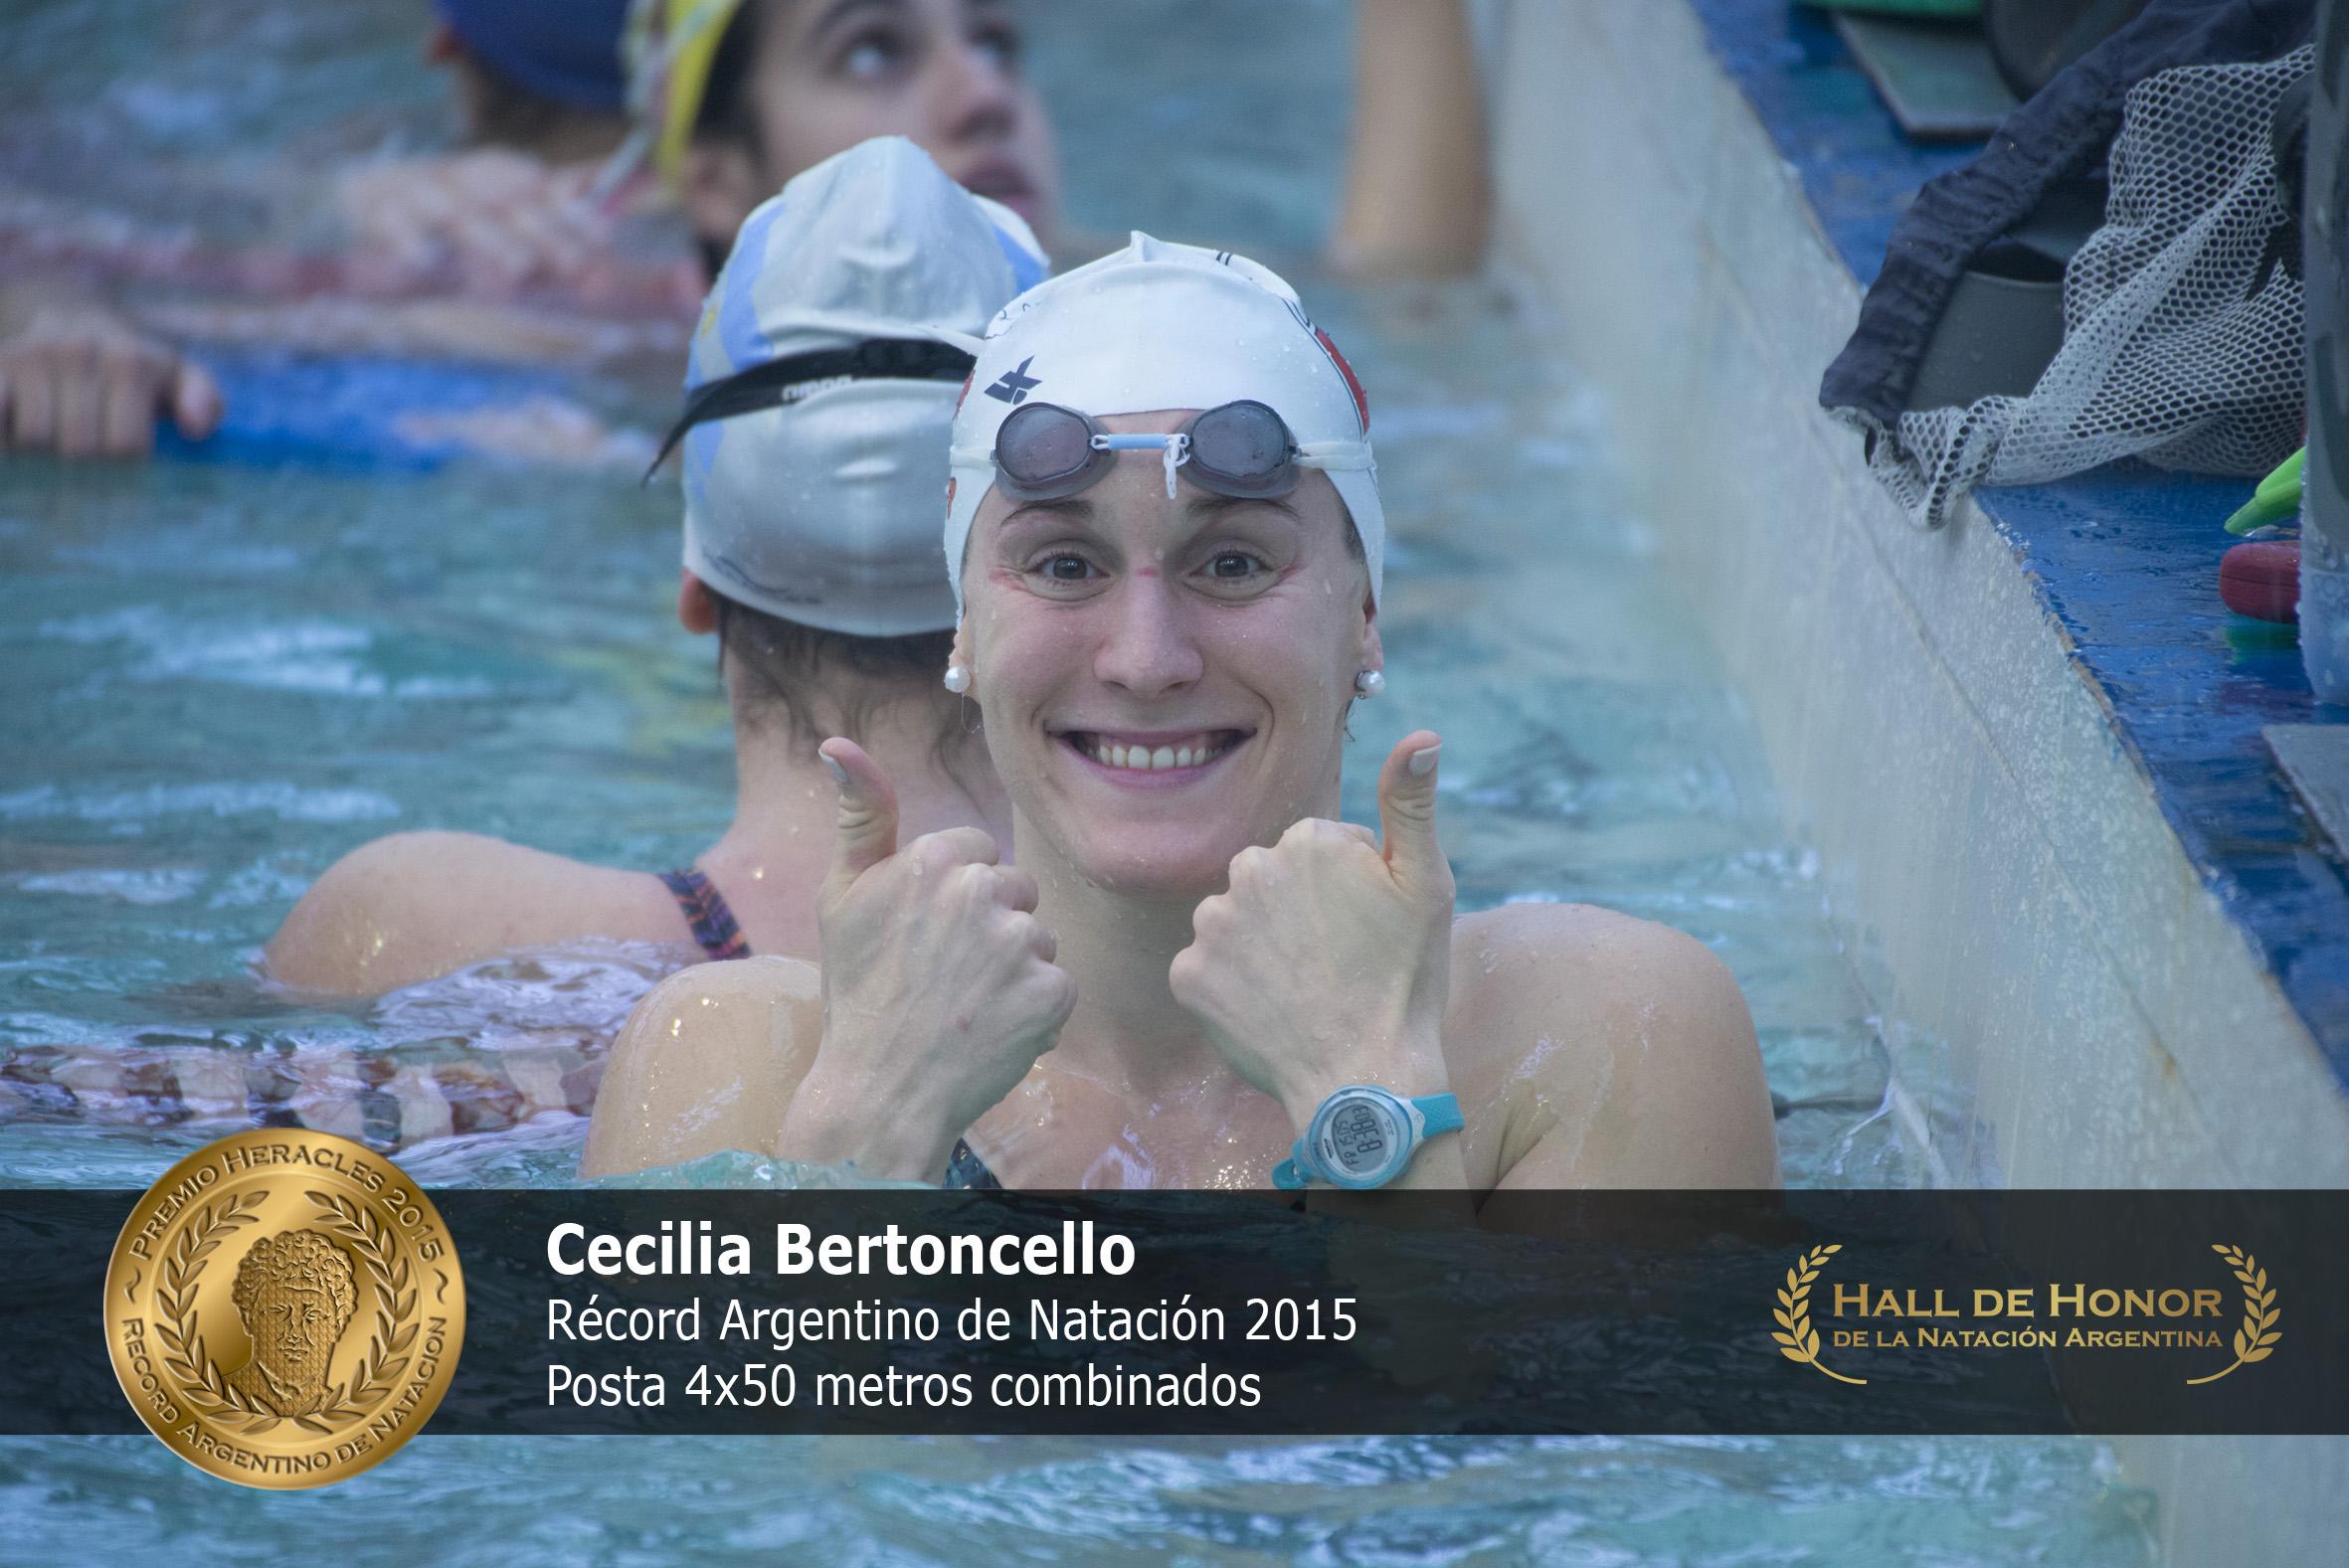 Cecilia Bertoncello